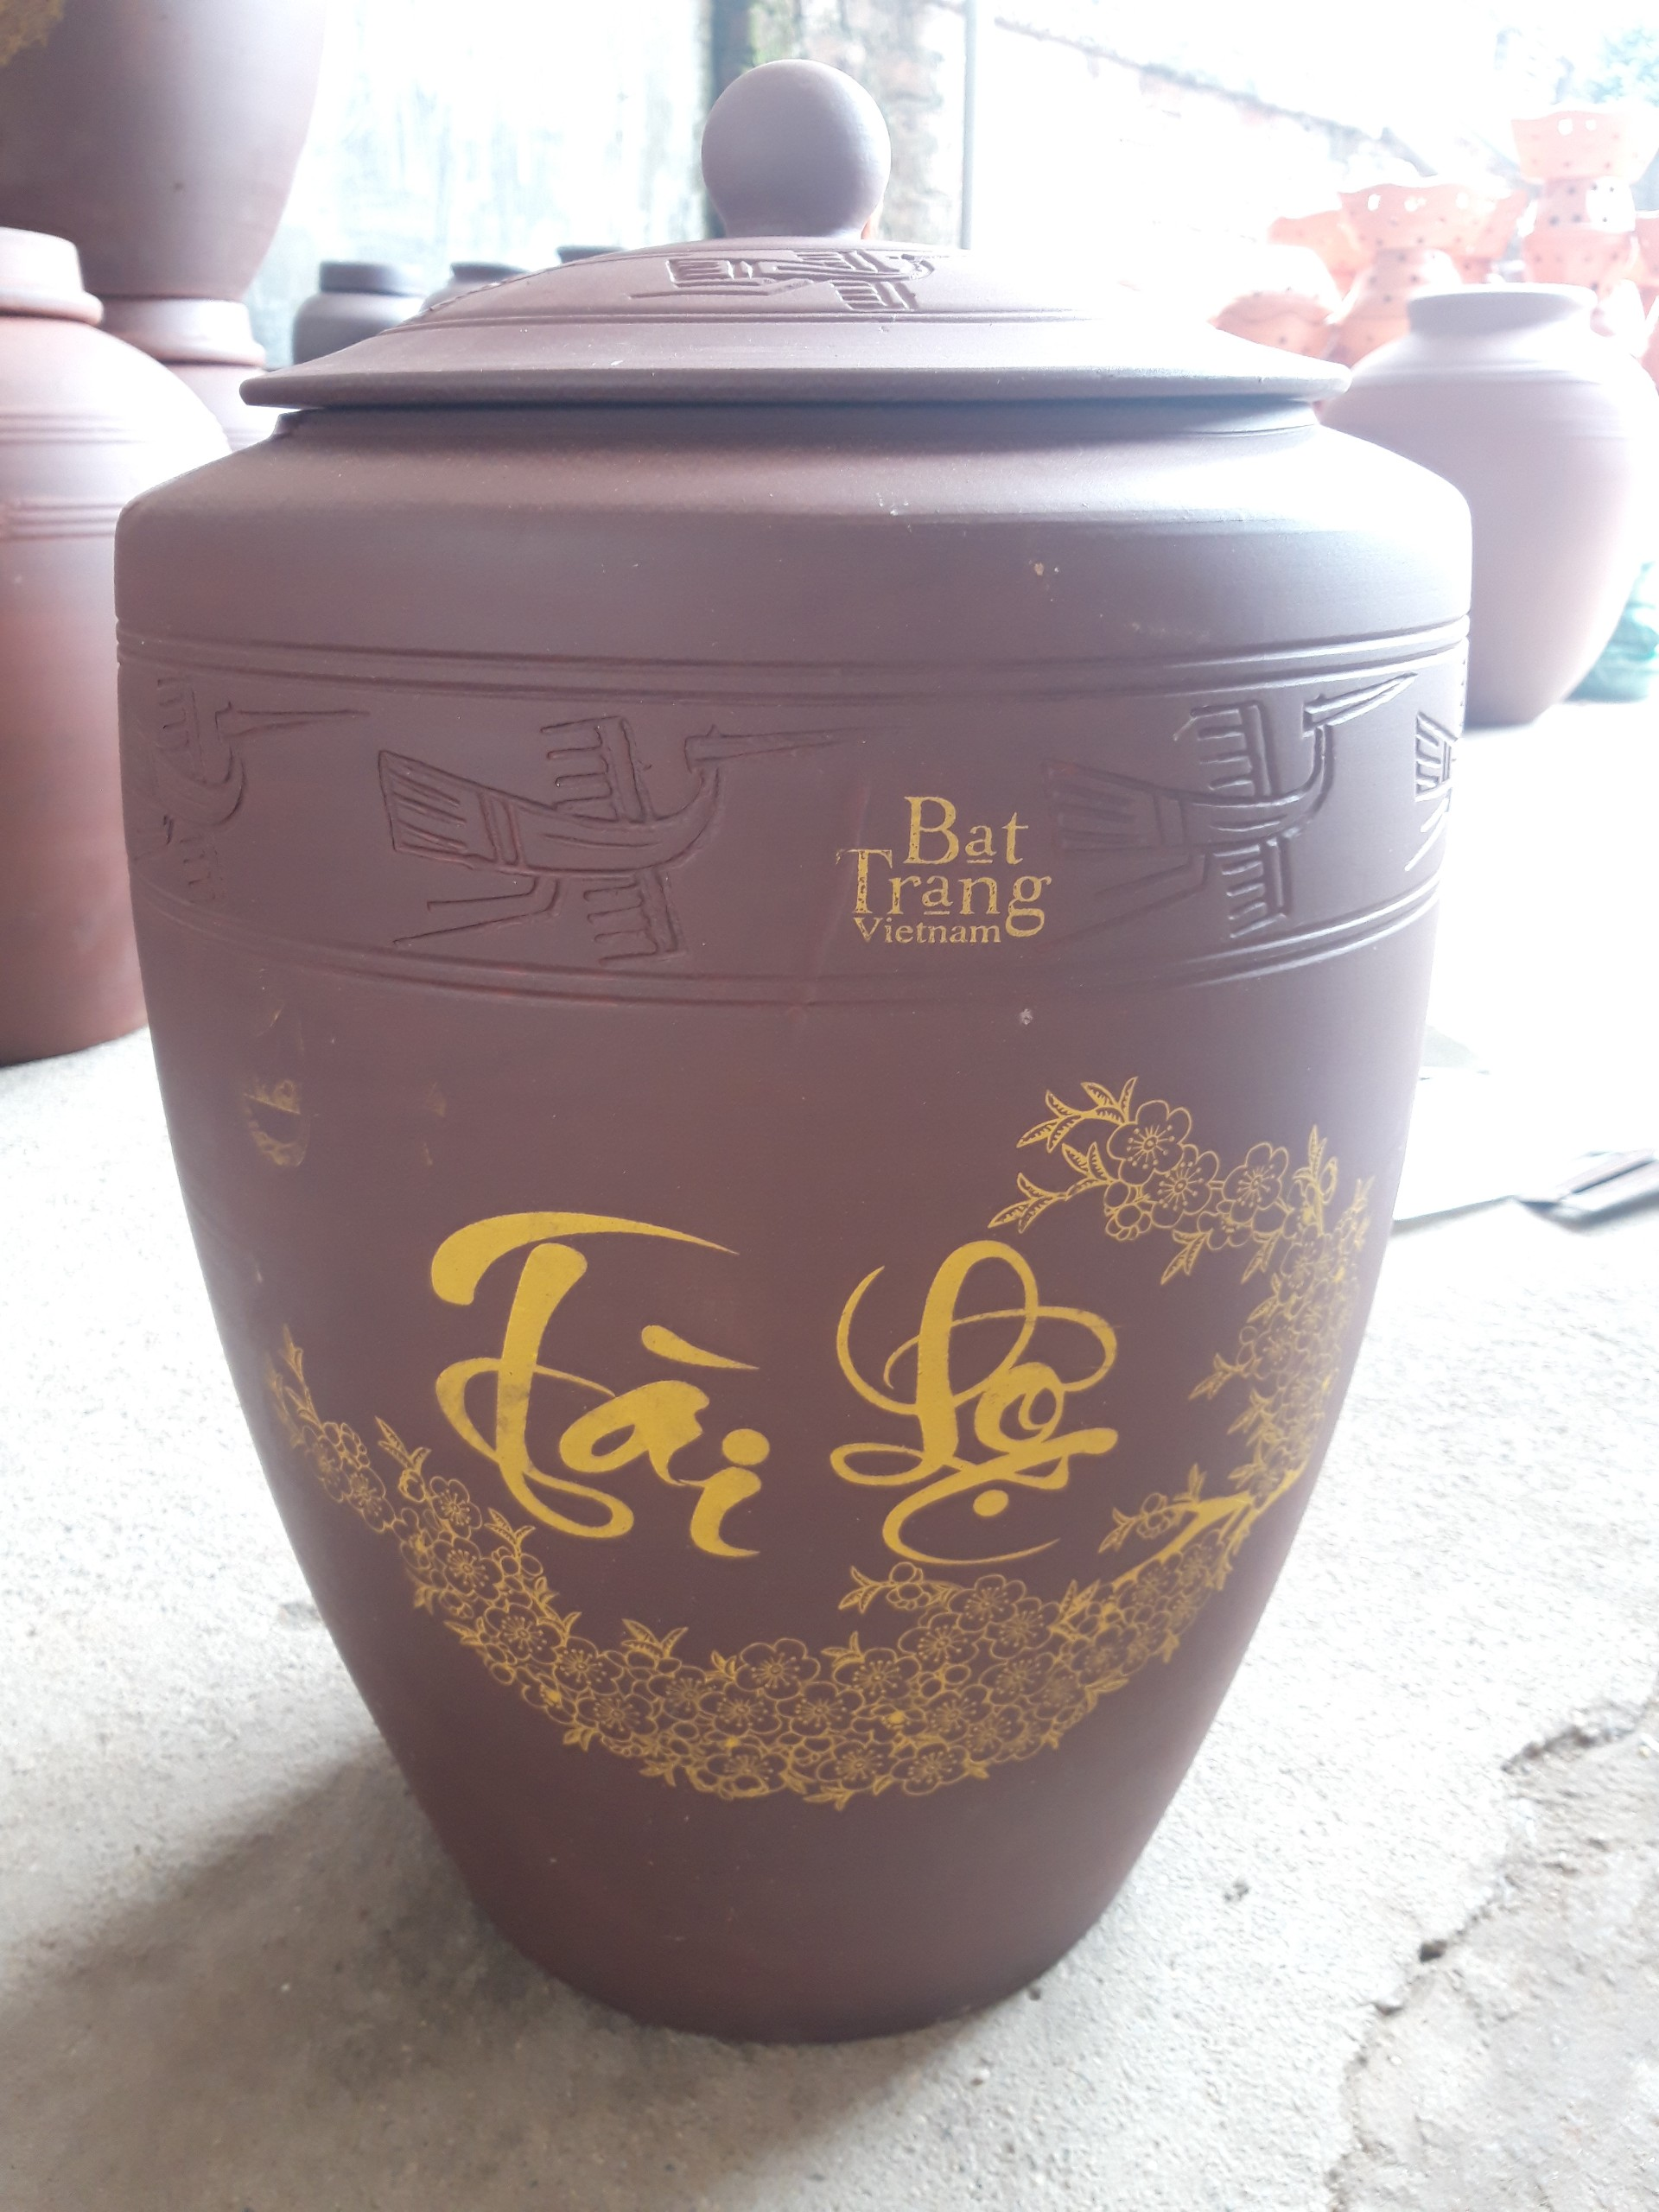 Hũ đựng gạo gốm sứ Bát Tràng loại 15Kg